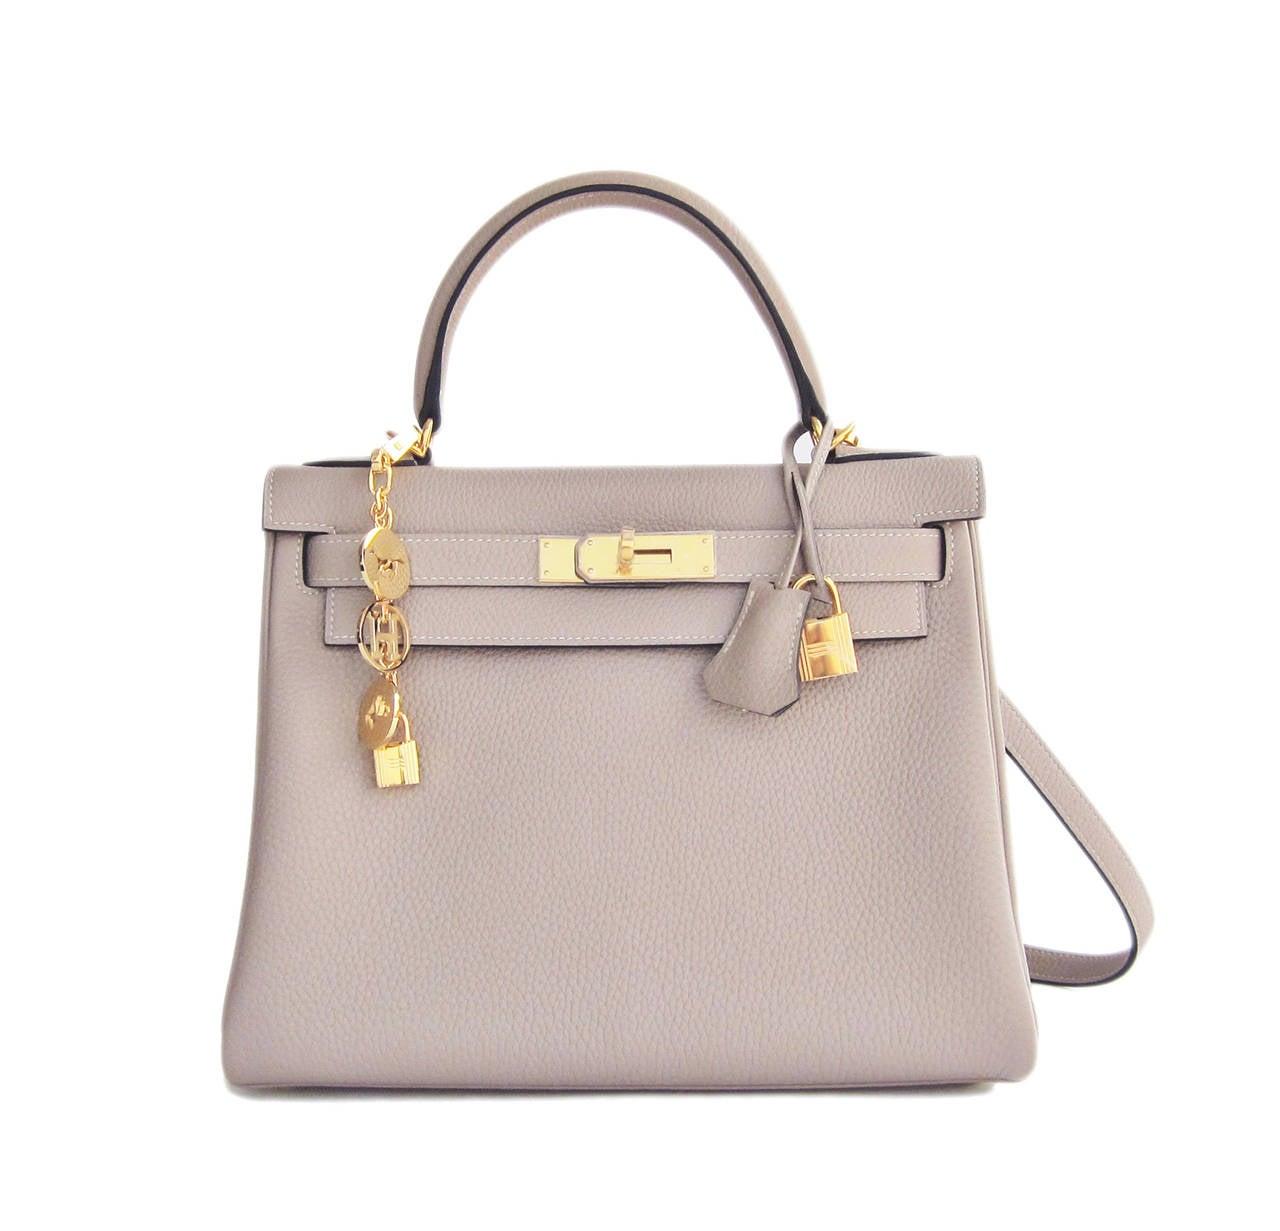 Hermes Gris Tourterelle 28cm Togo Kelly Gold GHW Shoulder Bag Perfection 10